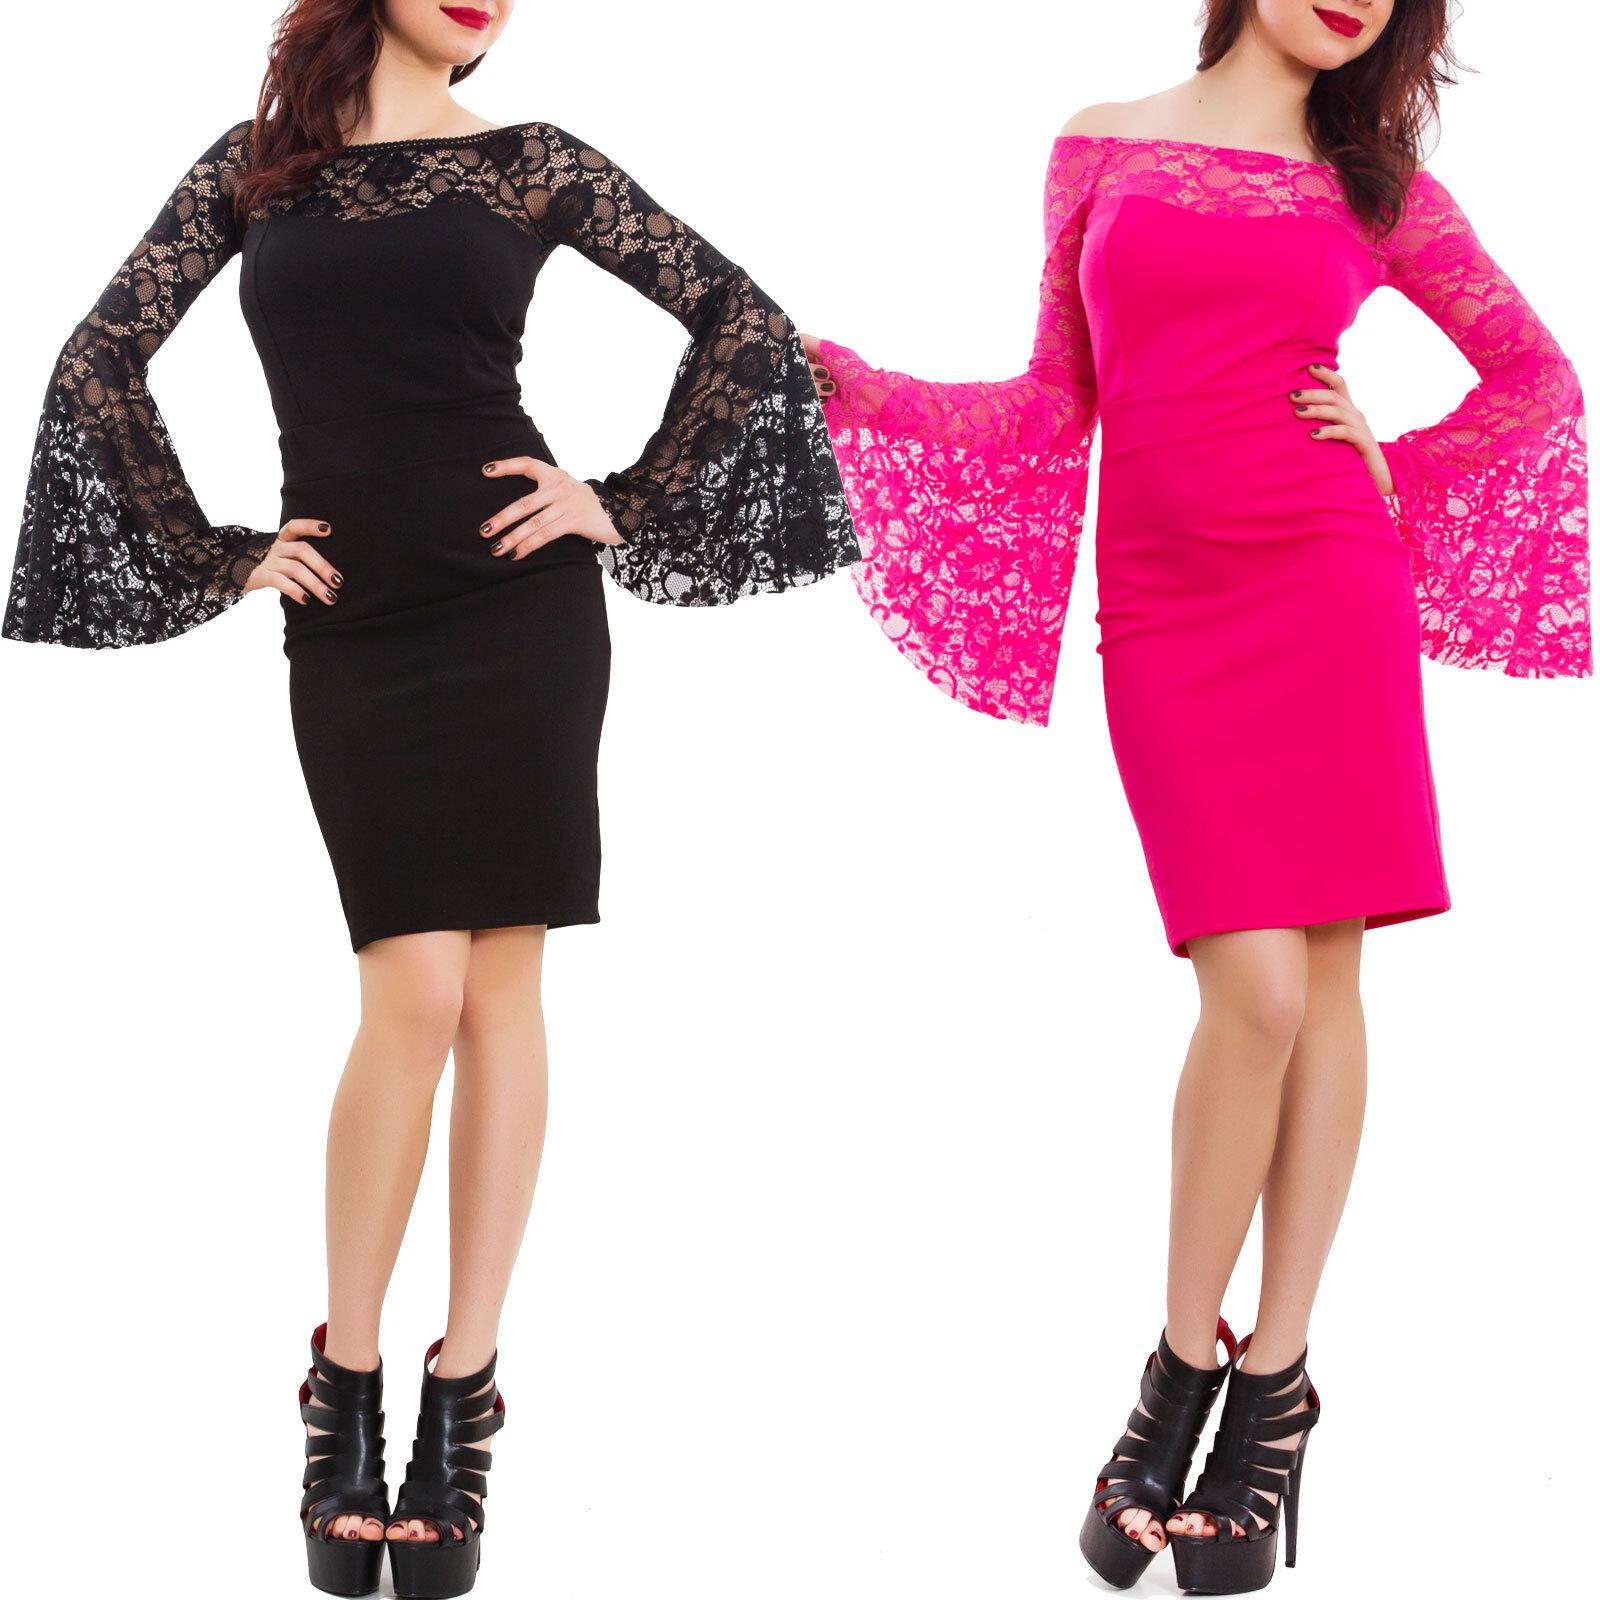 details about dress woman mini dress sleeve wide blow lace transparent  elegant gi-9142- show original title